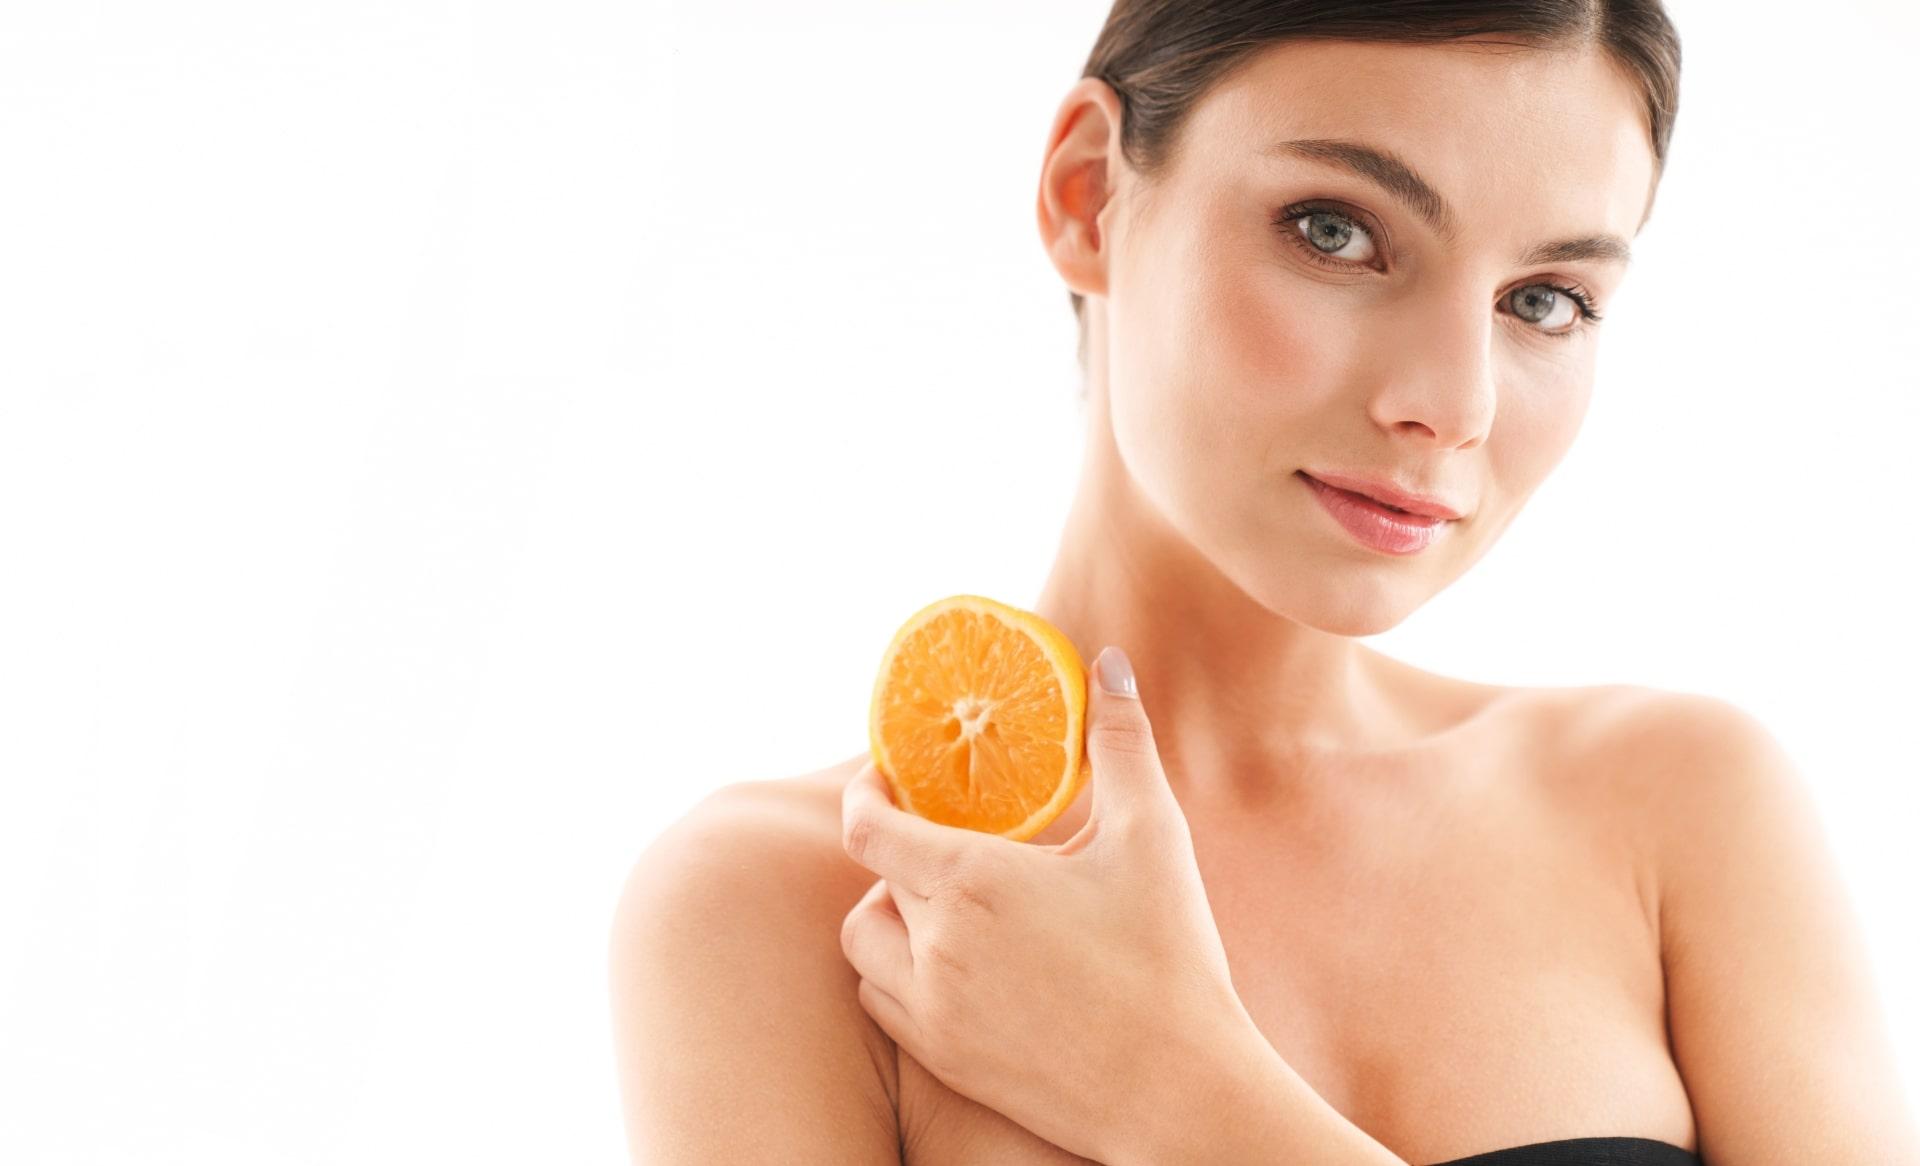 fruitzuurbehandeling